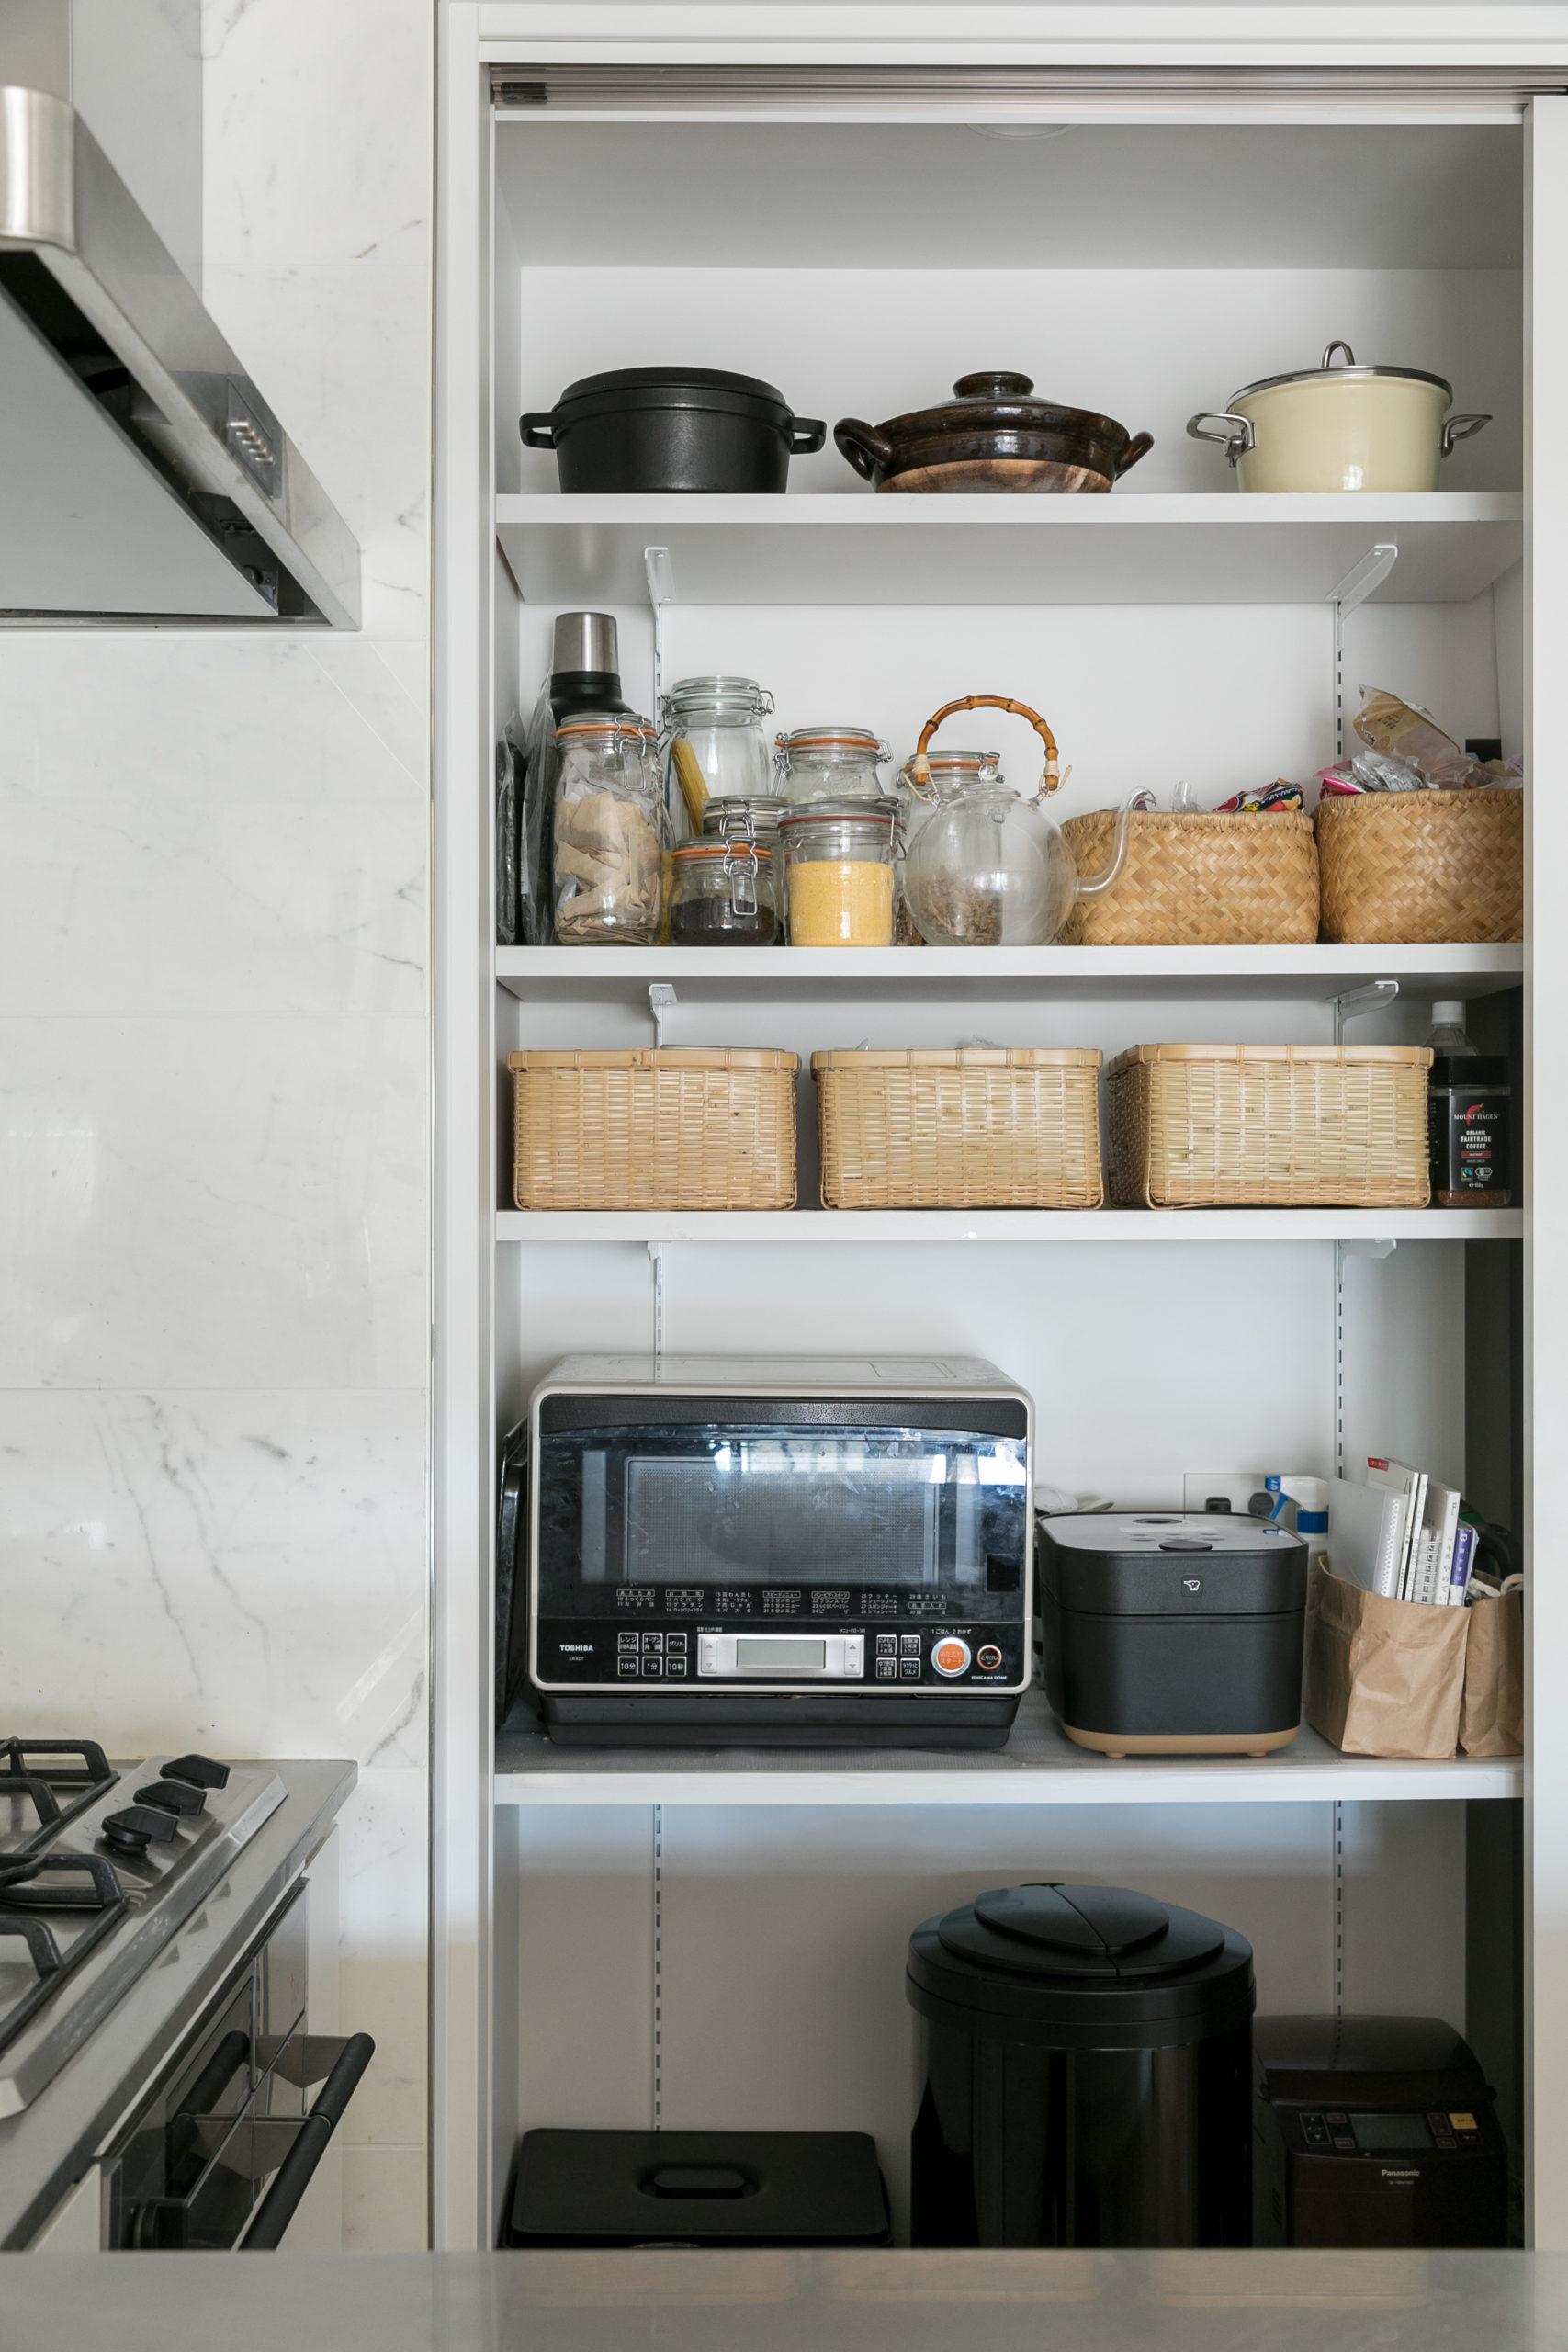 キッチン側の収納スペース。奥行きのあるウォークインタイプをやめ、キッチン側と壁向こうにある寝室に収納スペースを設けた。